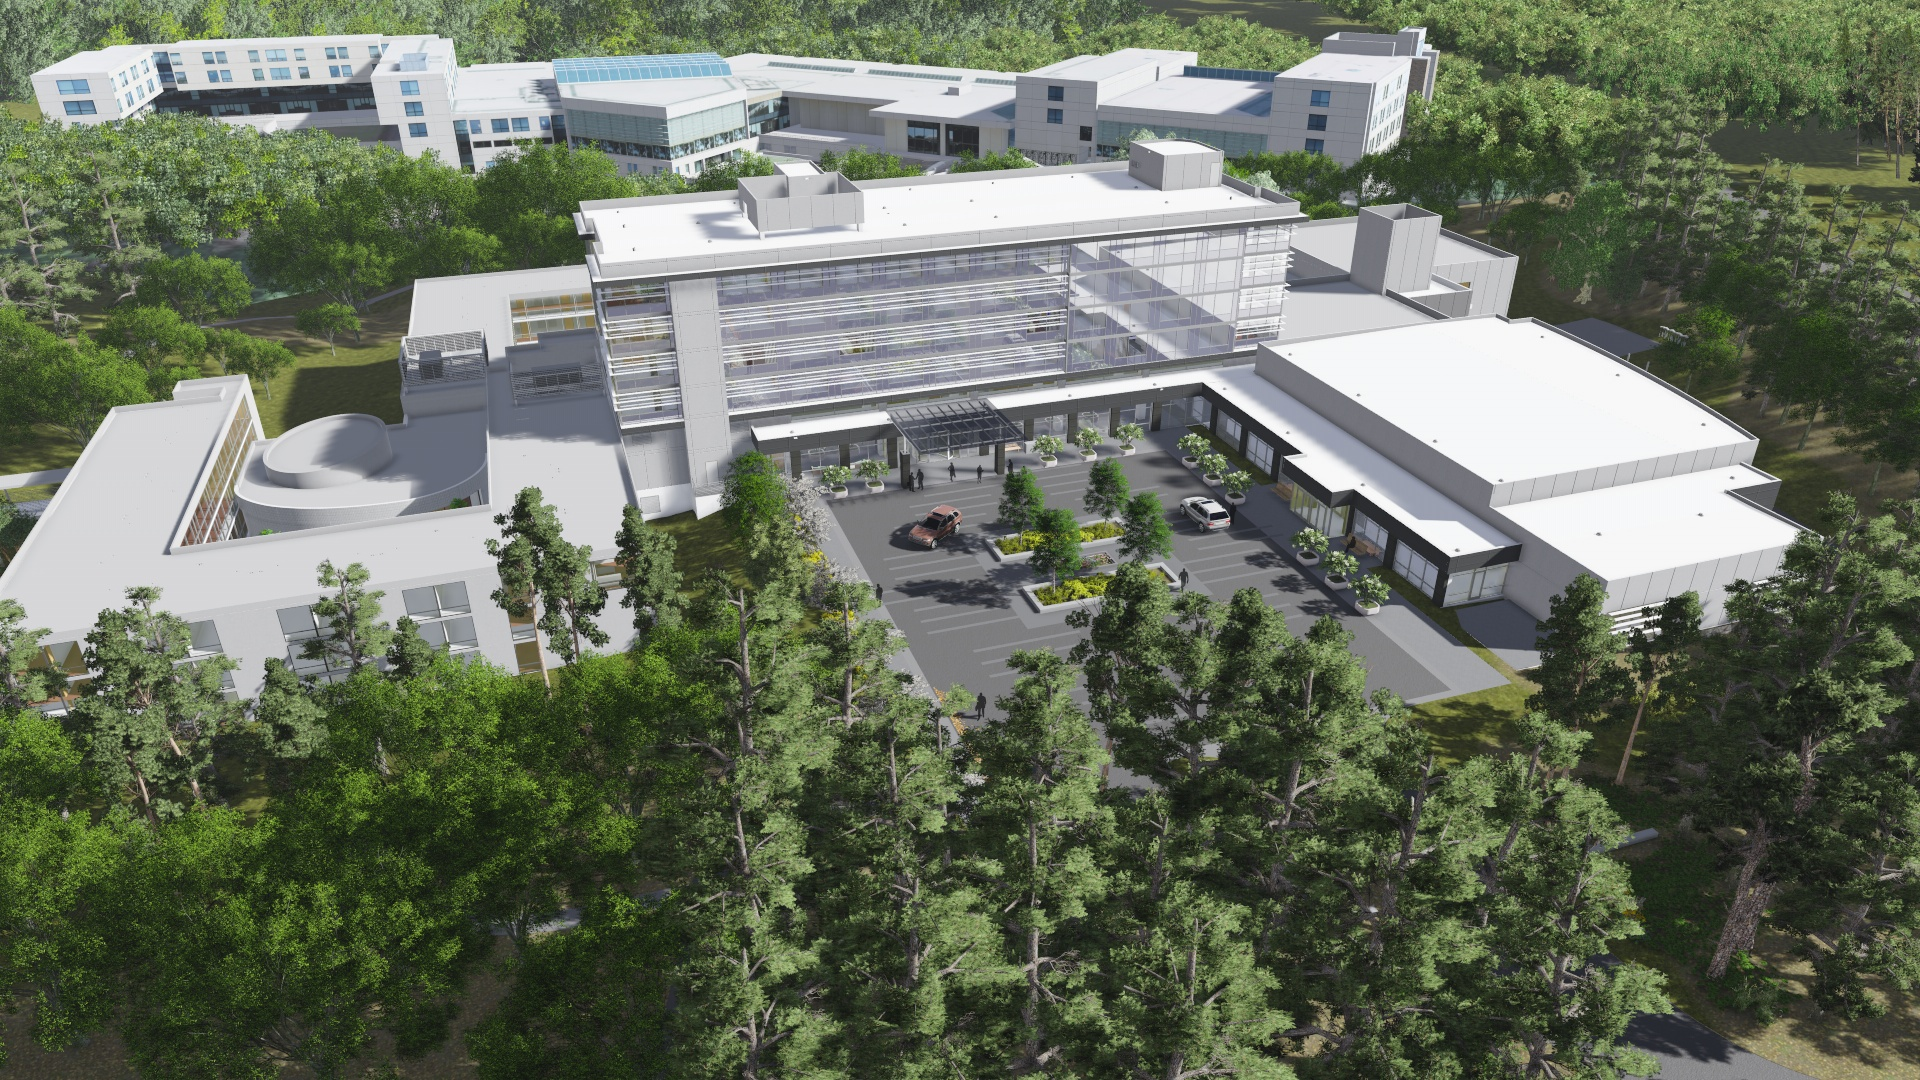 jb-duke-hotel-aerial-vision